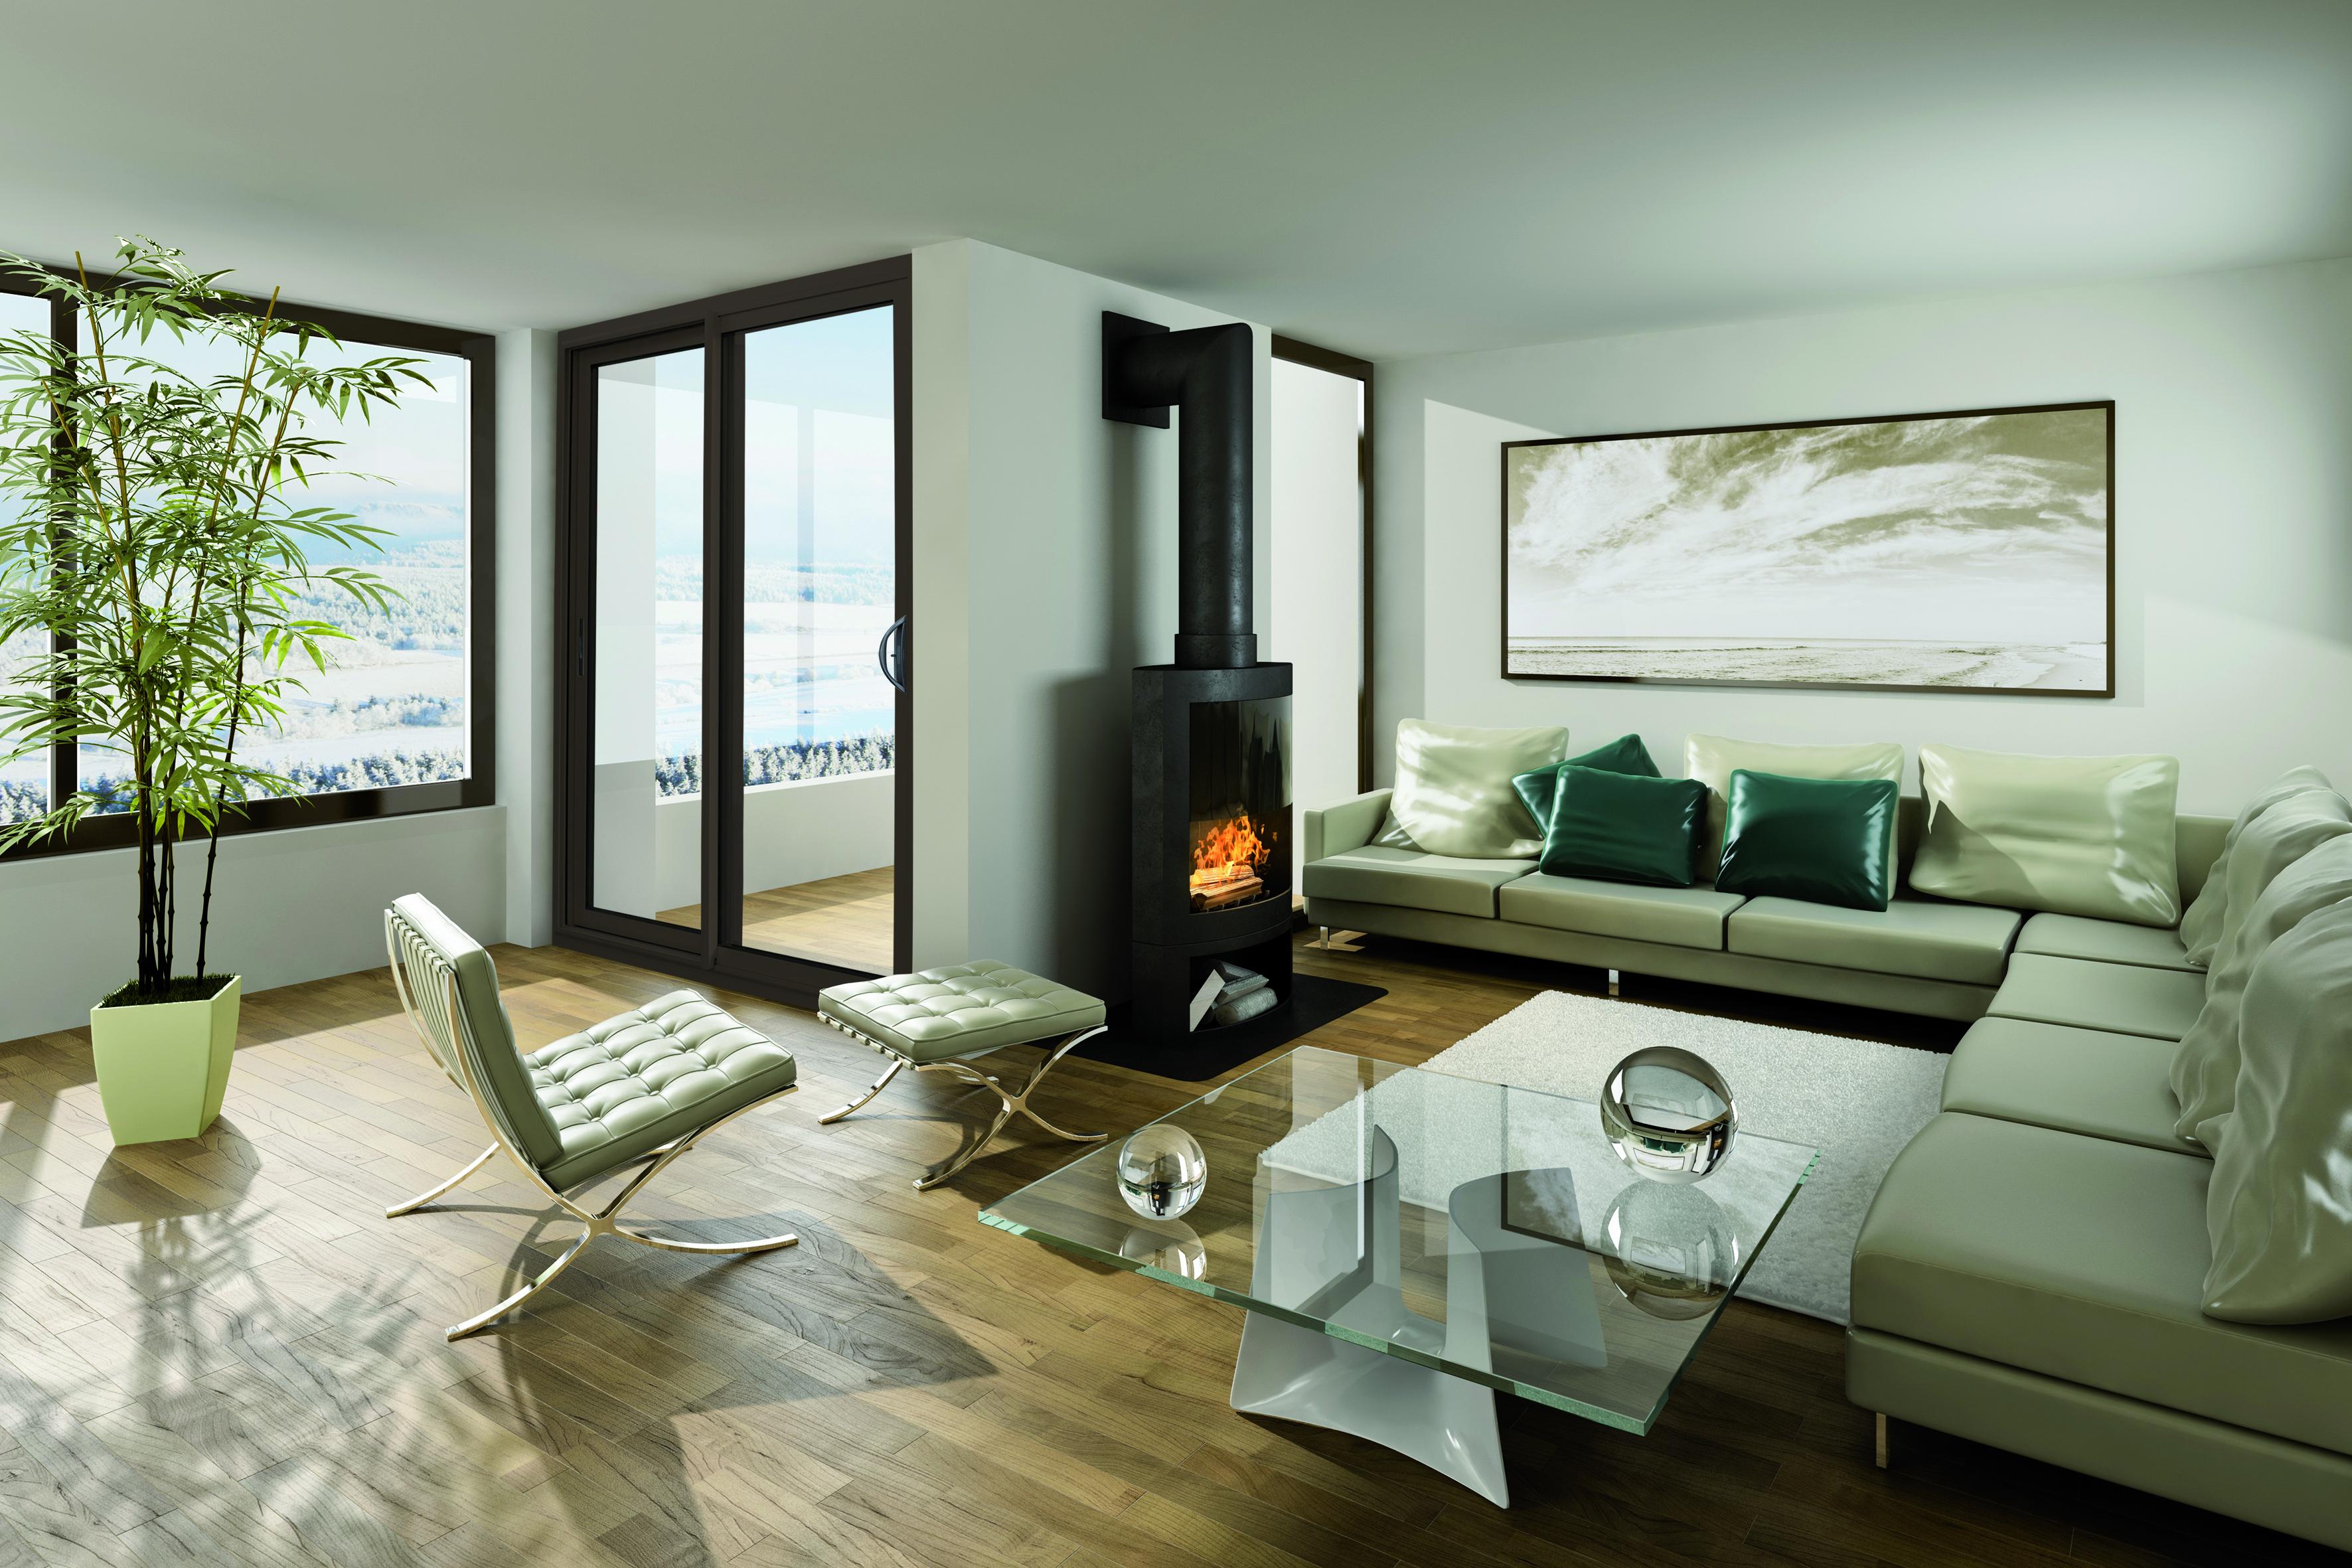 La fenêtre LUMYS au design exclusif et aux finitions soignées offre un clair de jour optimal.